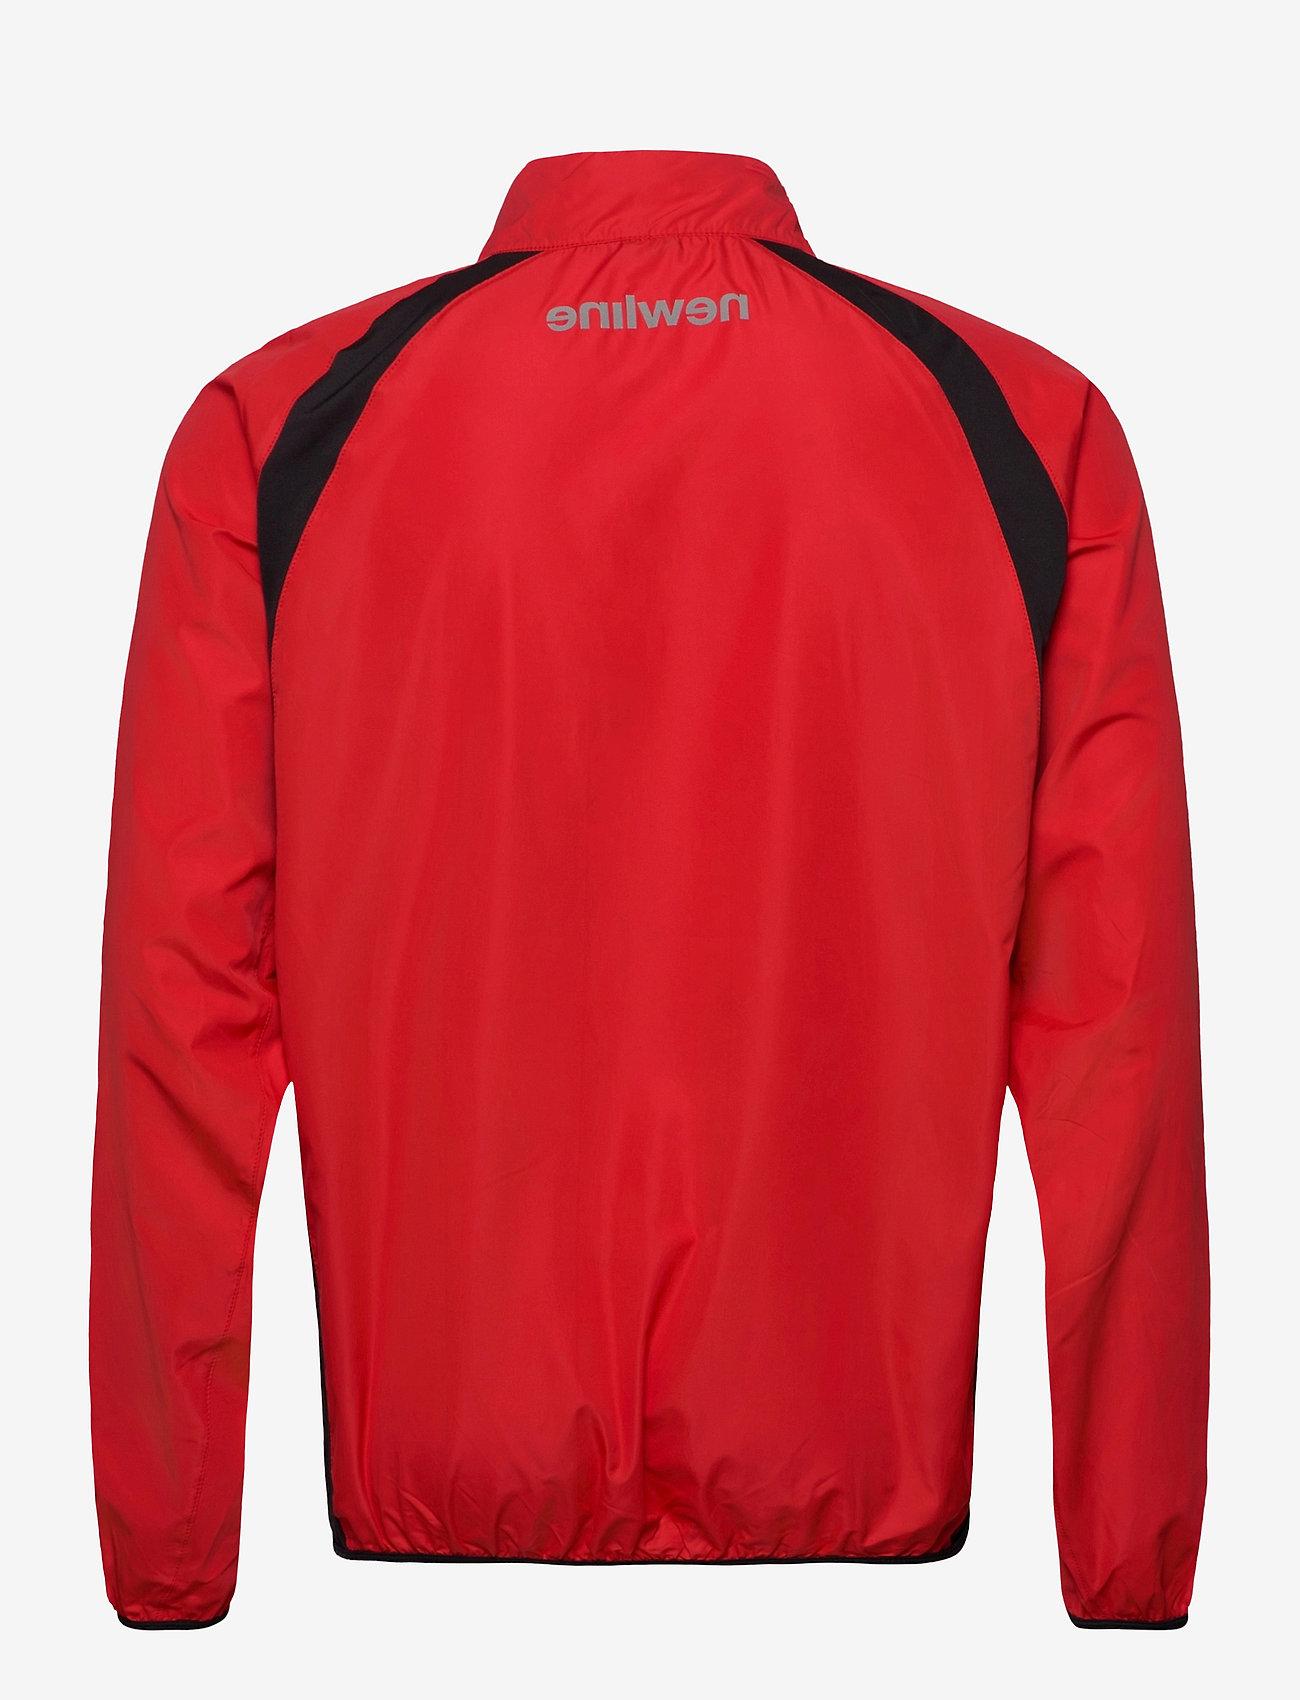 Newline - CORE JACKET - sportsjakker - red - 1